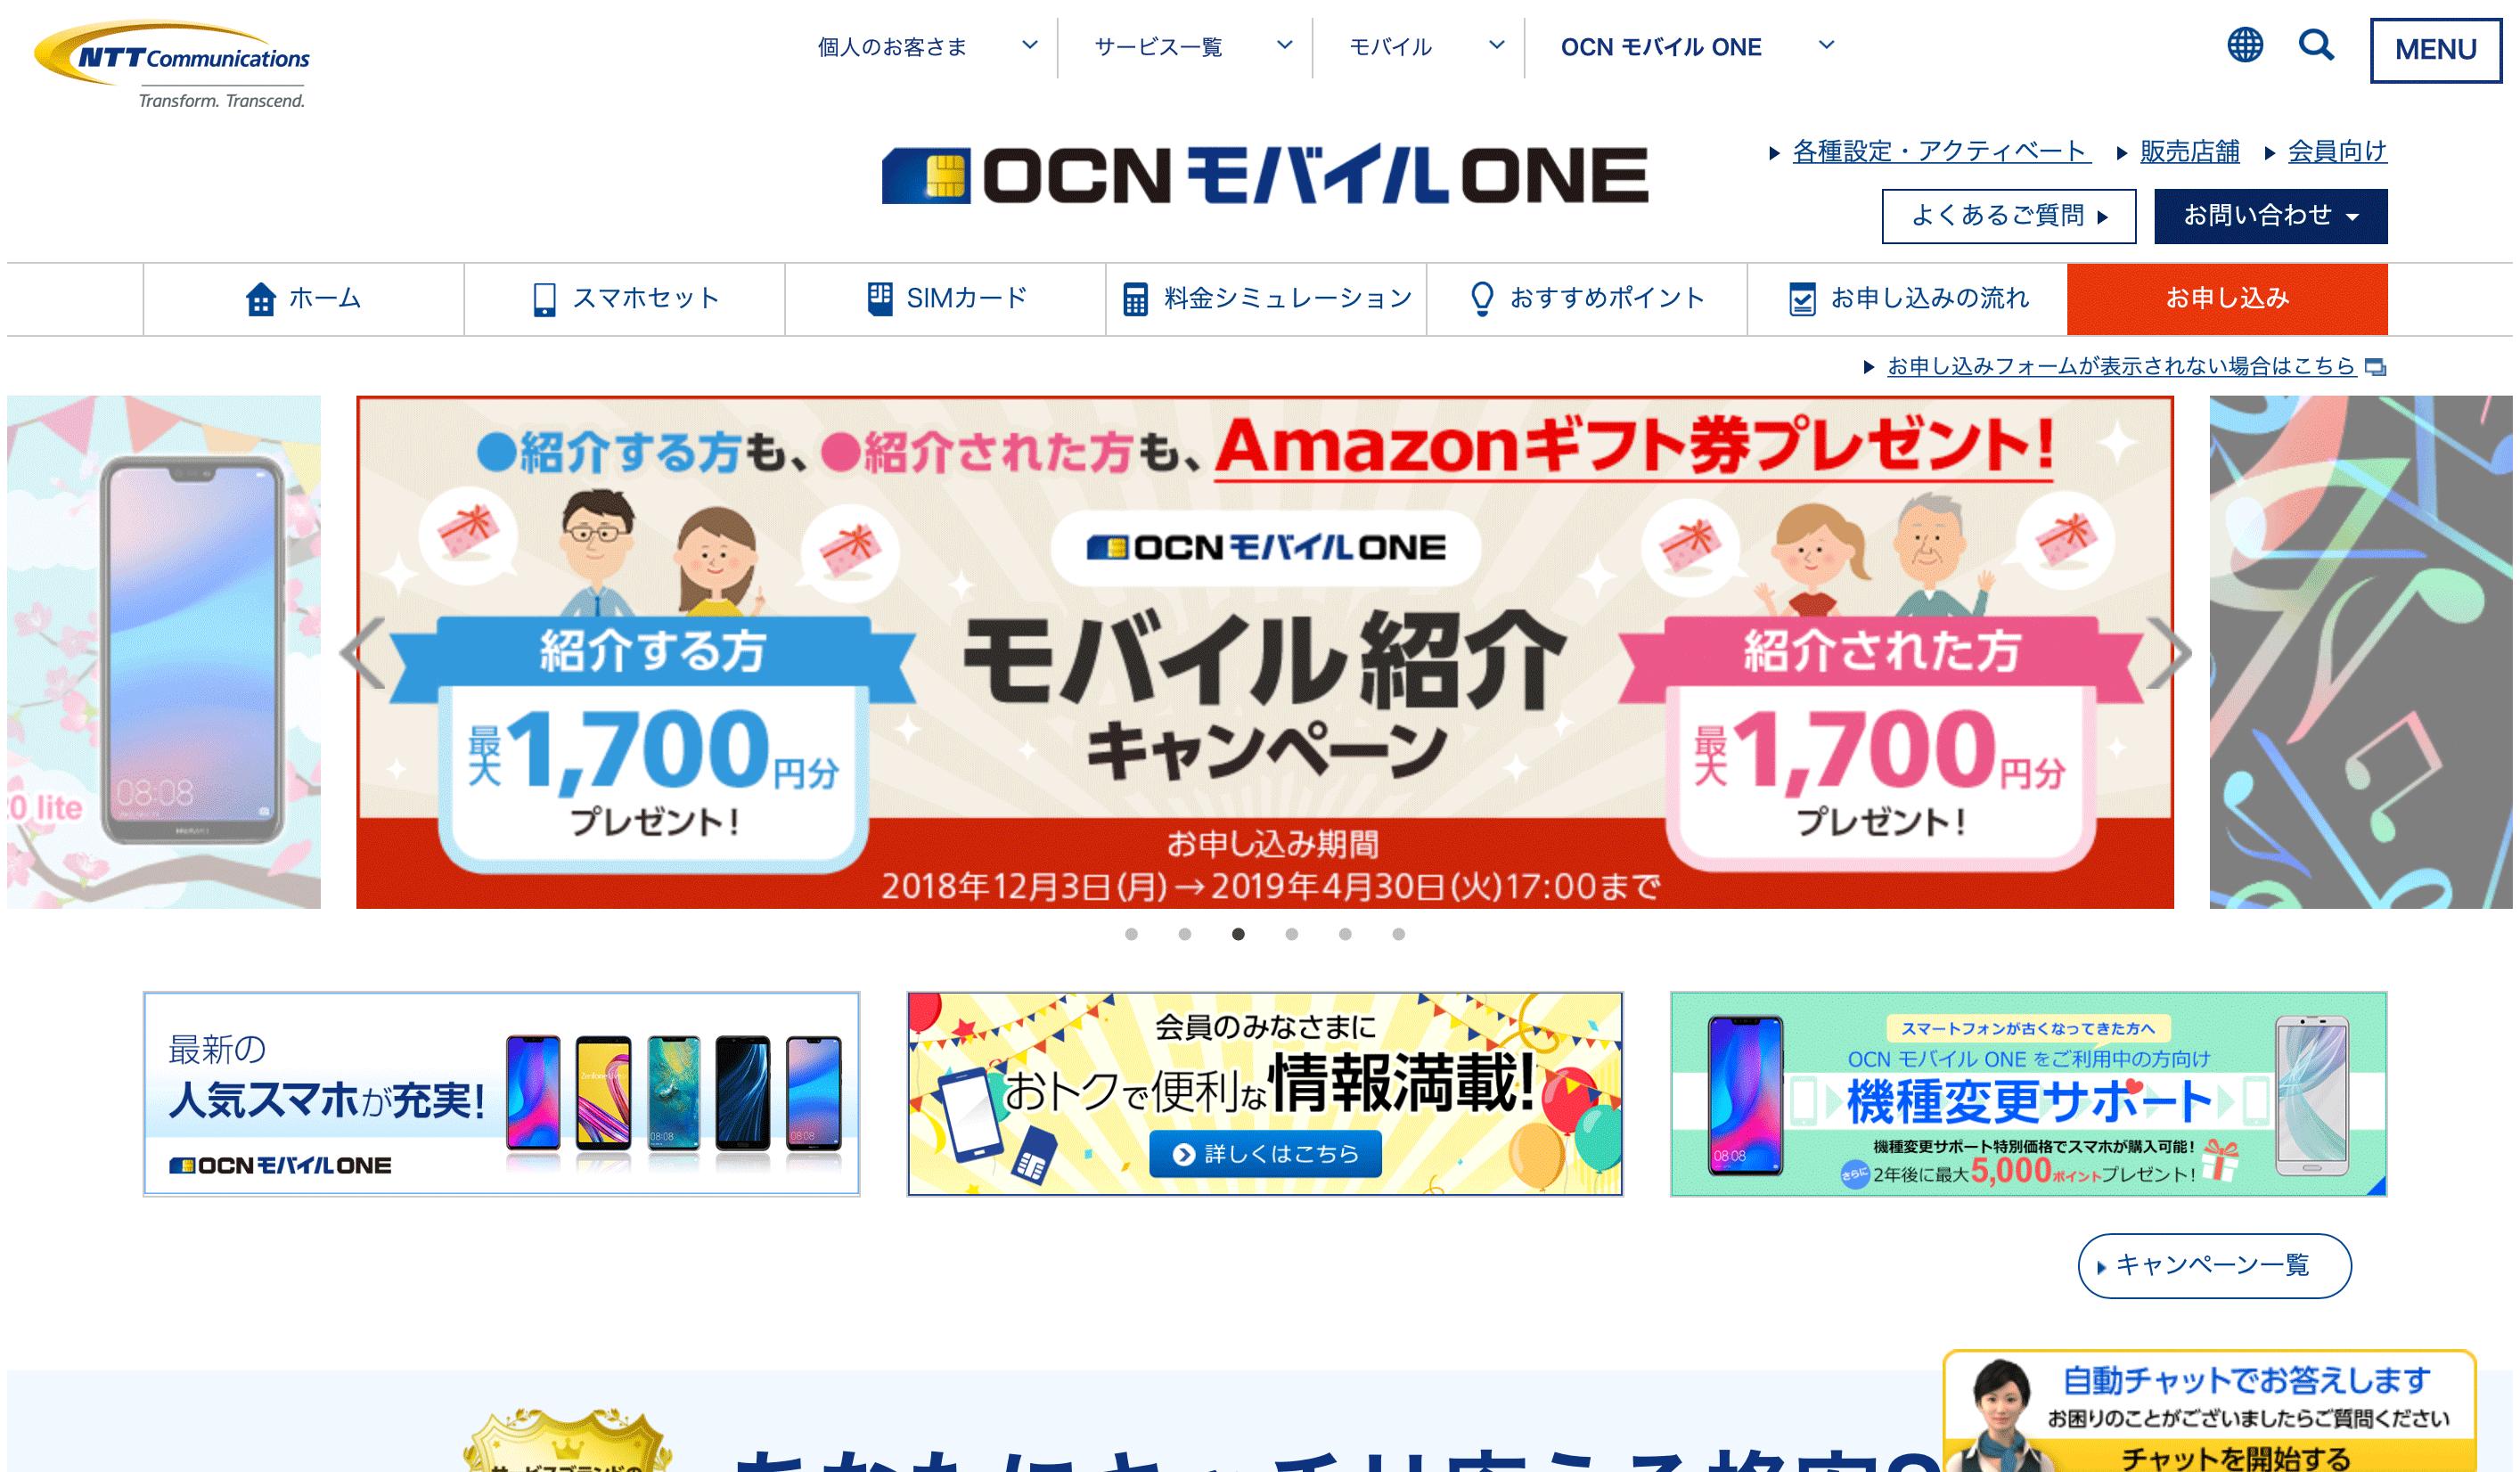 格安SIM・格安スマホへの乗り換えは「OCNモバイルONE」